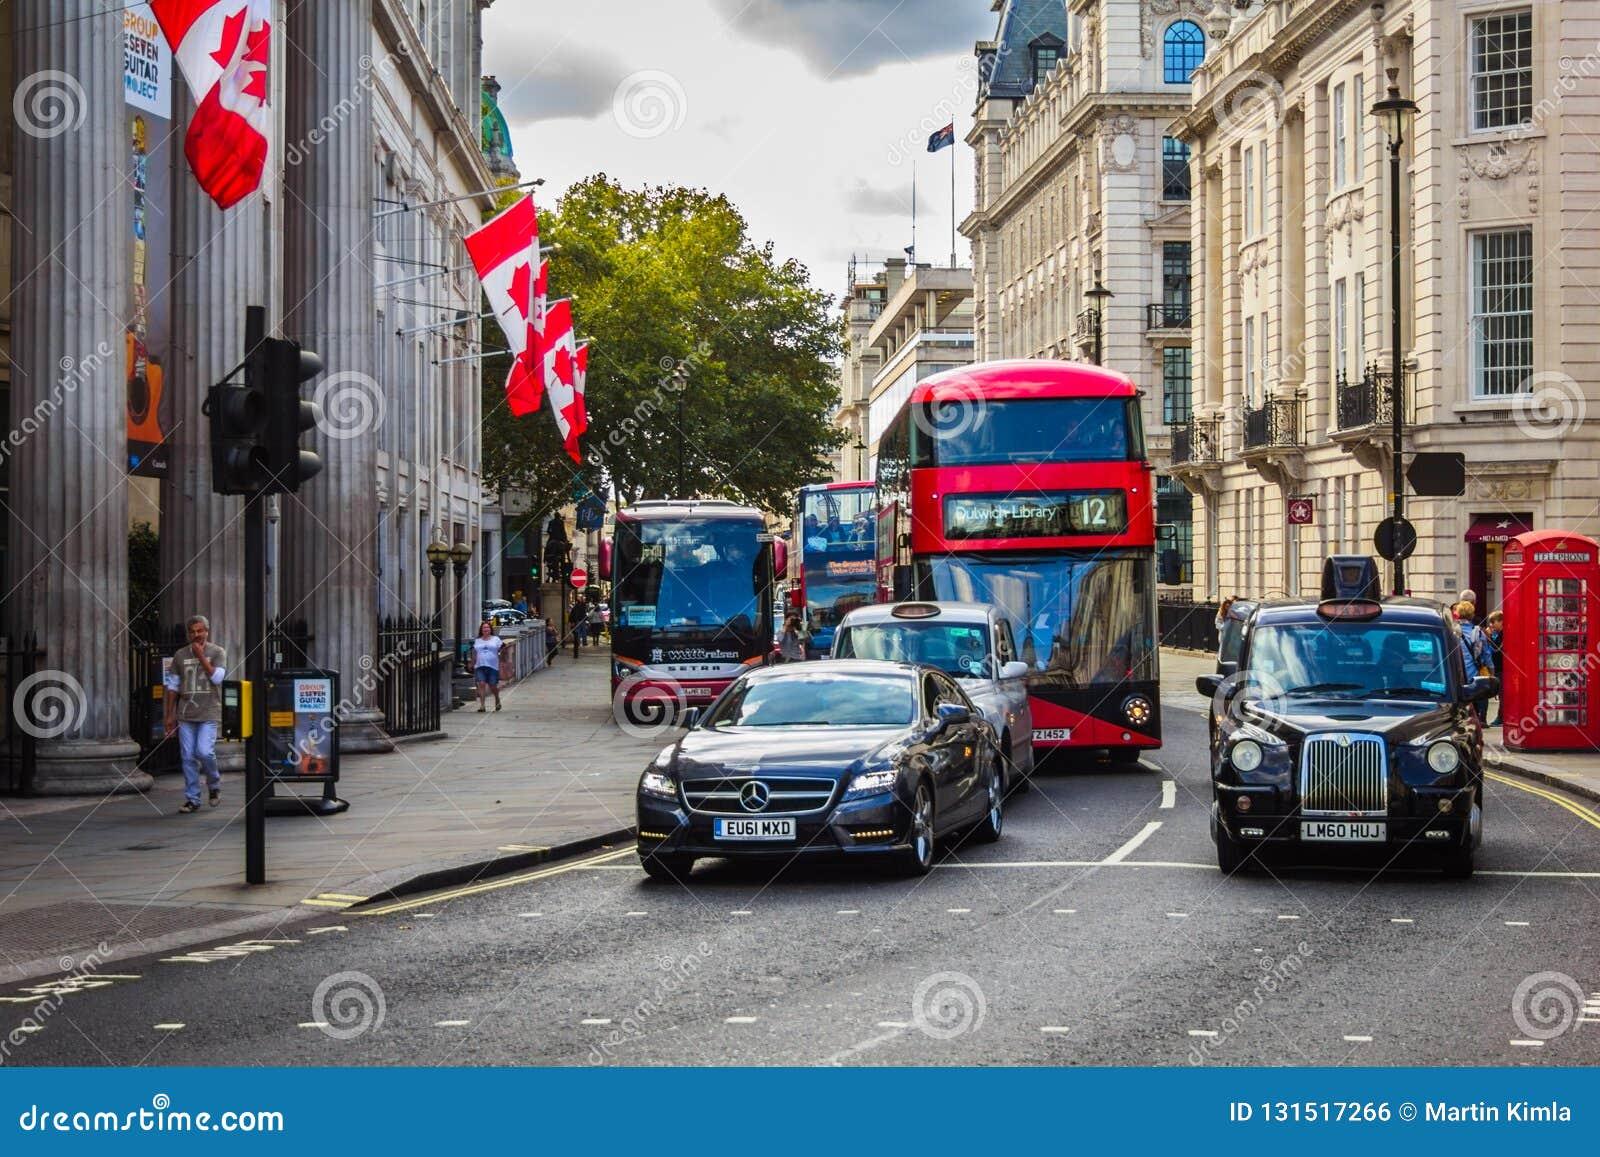 Высшая комиссия Канады в Великобритании